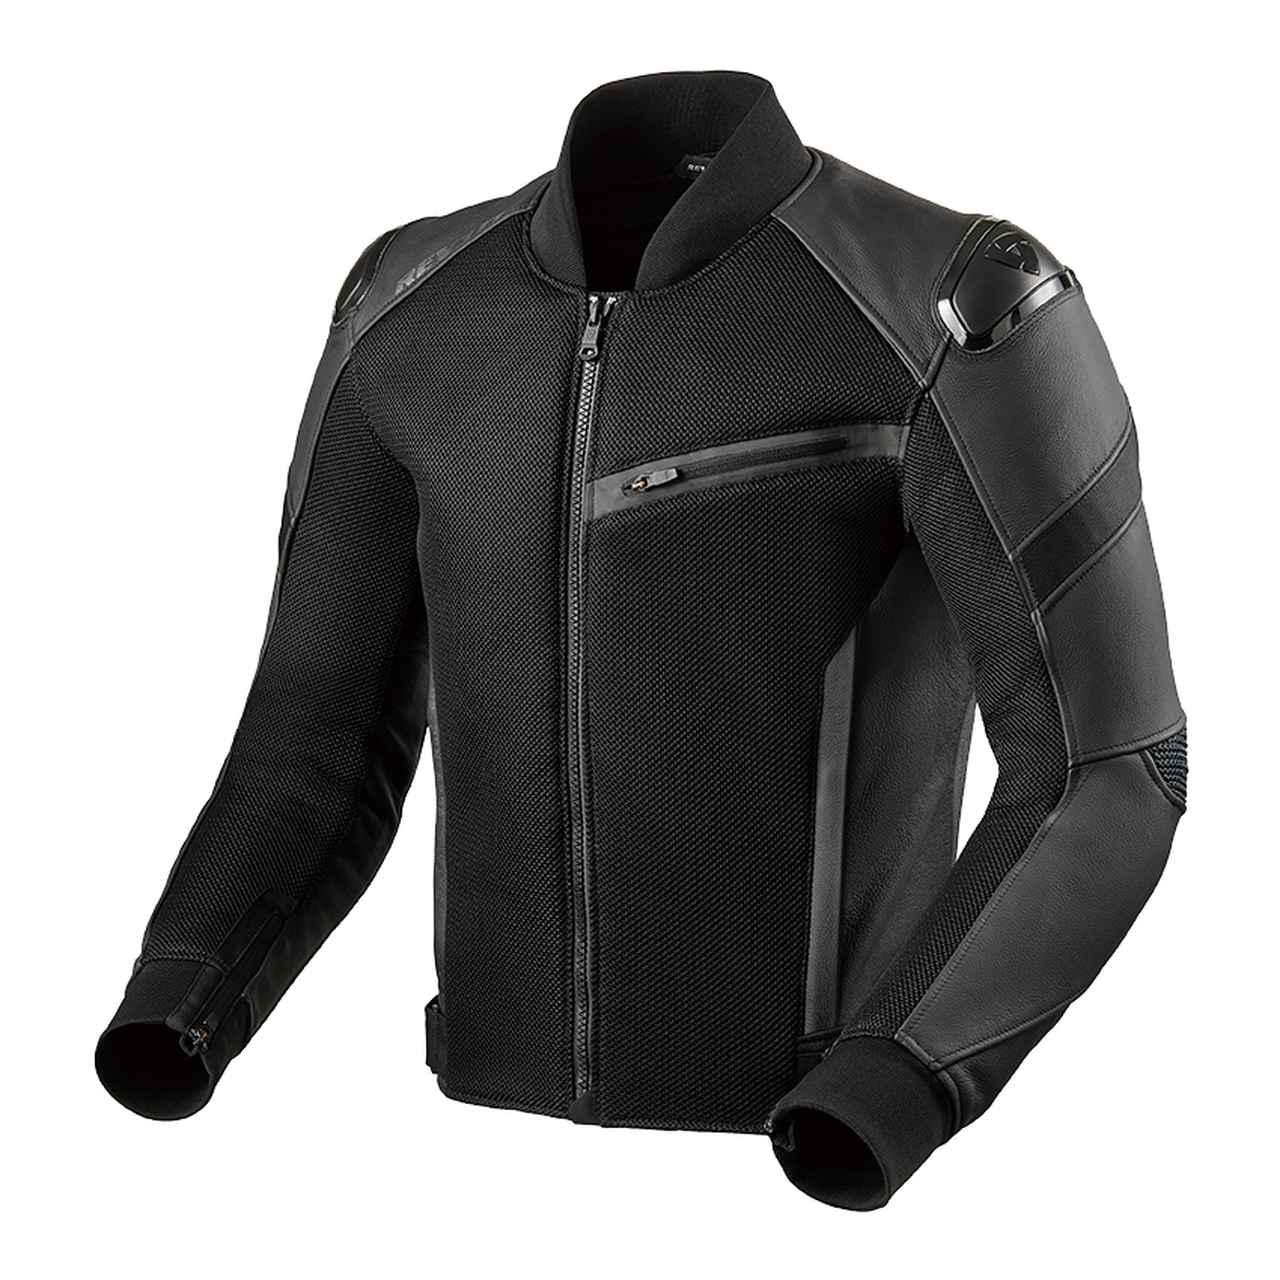 画像7: 丈夫で高品質なメッシュジャケットをお探しなら「レブイット」もあり! 2020年夏向けの新製品を3着紹介します!